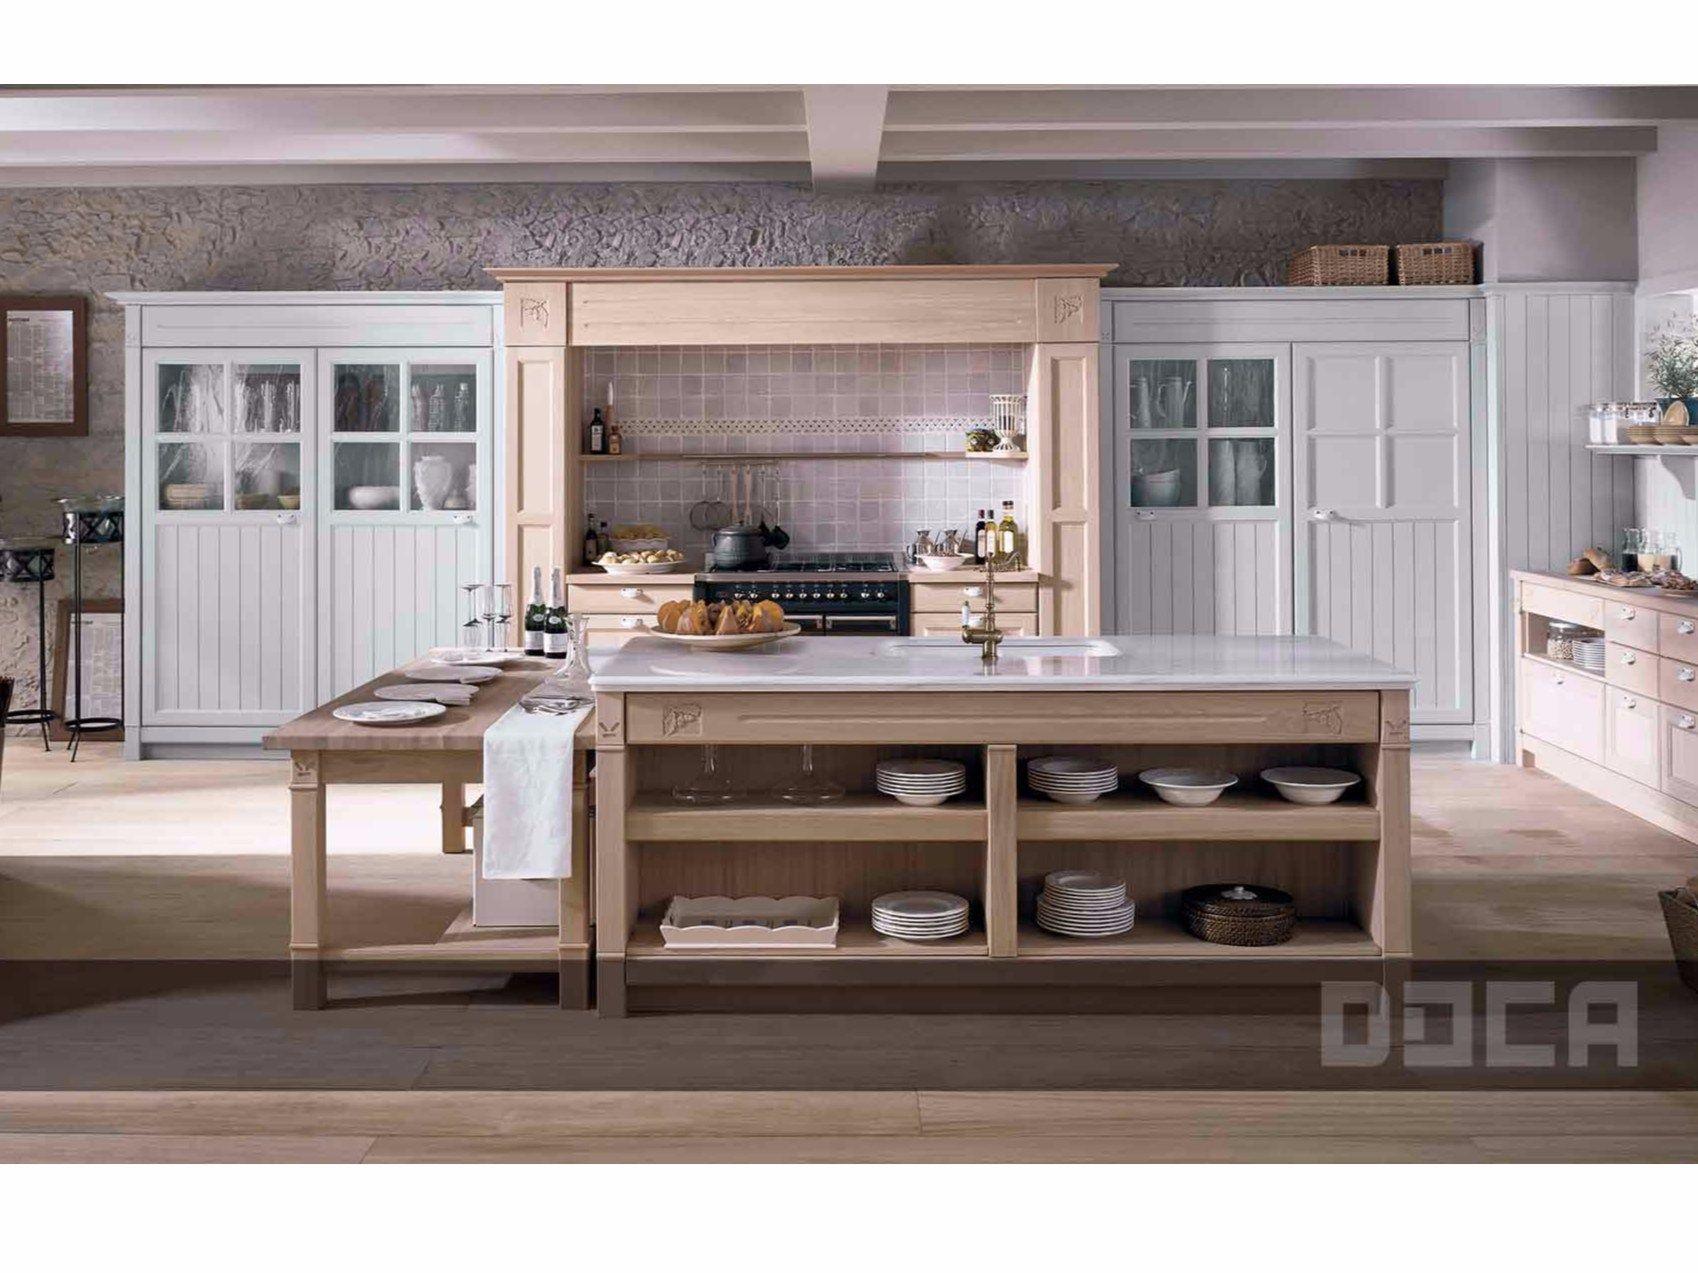 Muebles de cocina leroy merlin albacete - Muebles de cocina albacete ...